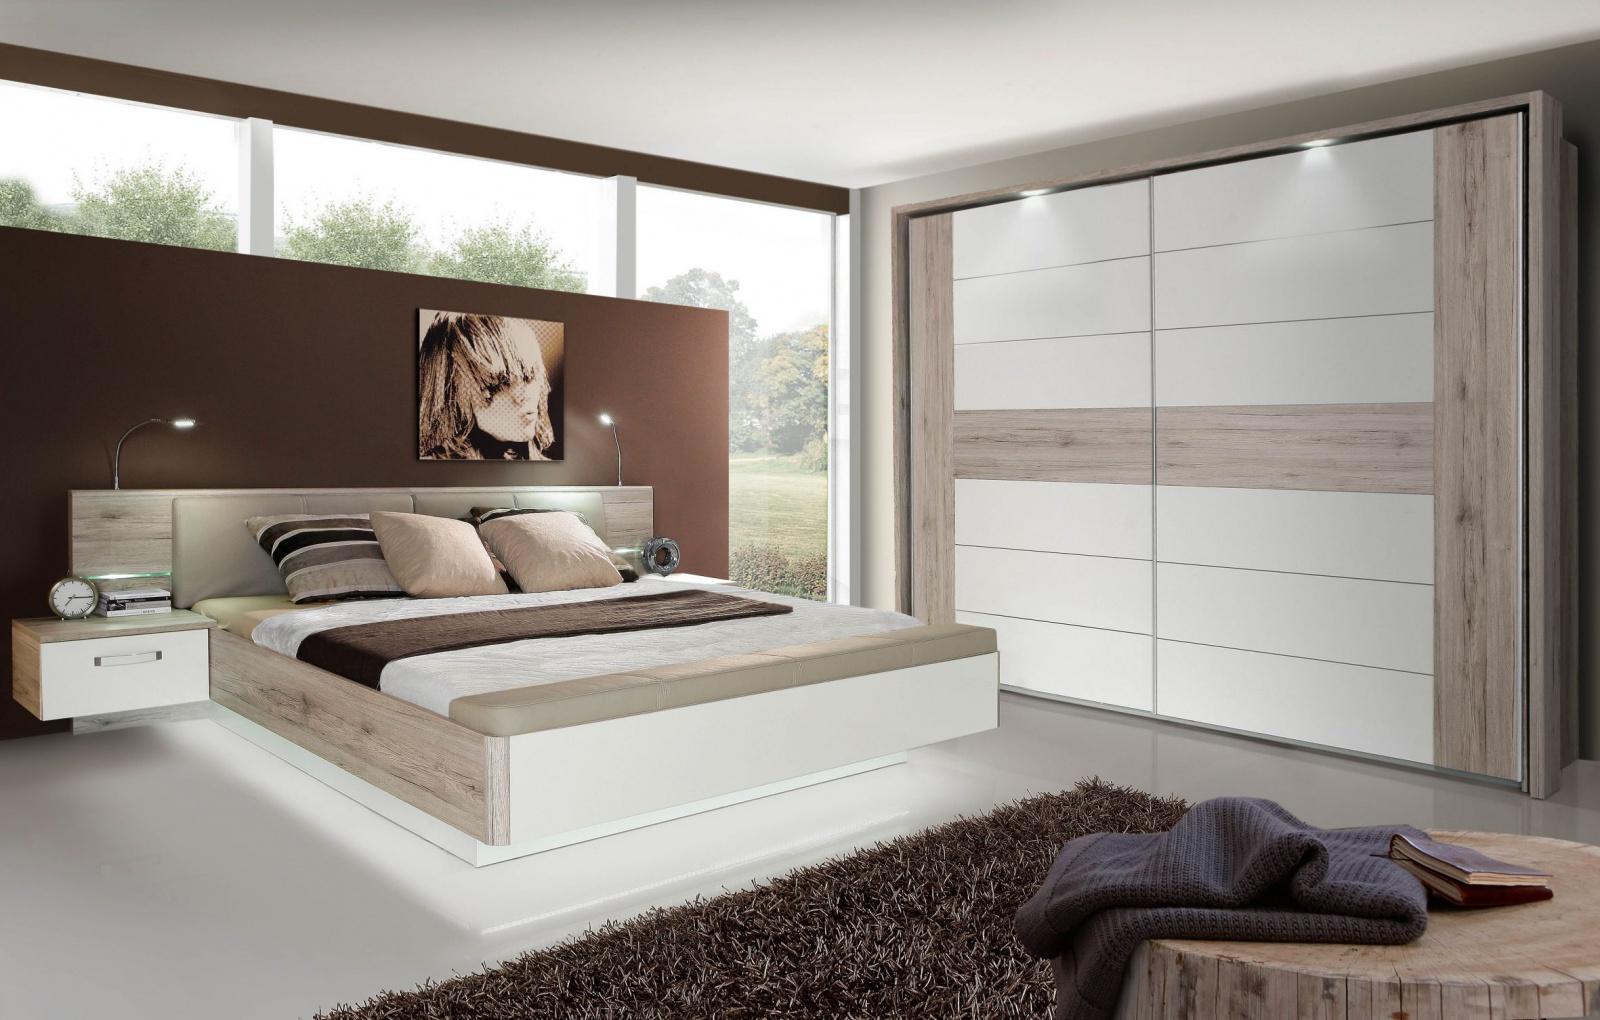 Full Size of Günstige Schlafzimmer Komplett Kaufen Deckenleuchte Modern Mit Lattenrost Und Matratze Eckschrank Fototapete Massivholz Lampe Deckenlampe Kommoden Wandtattoos Schlafzimmer Günstige Schlafzimmer